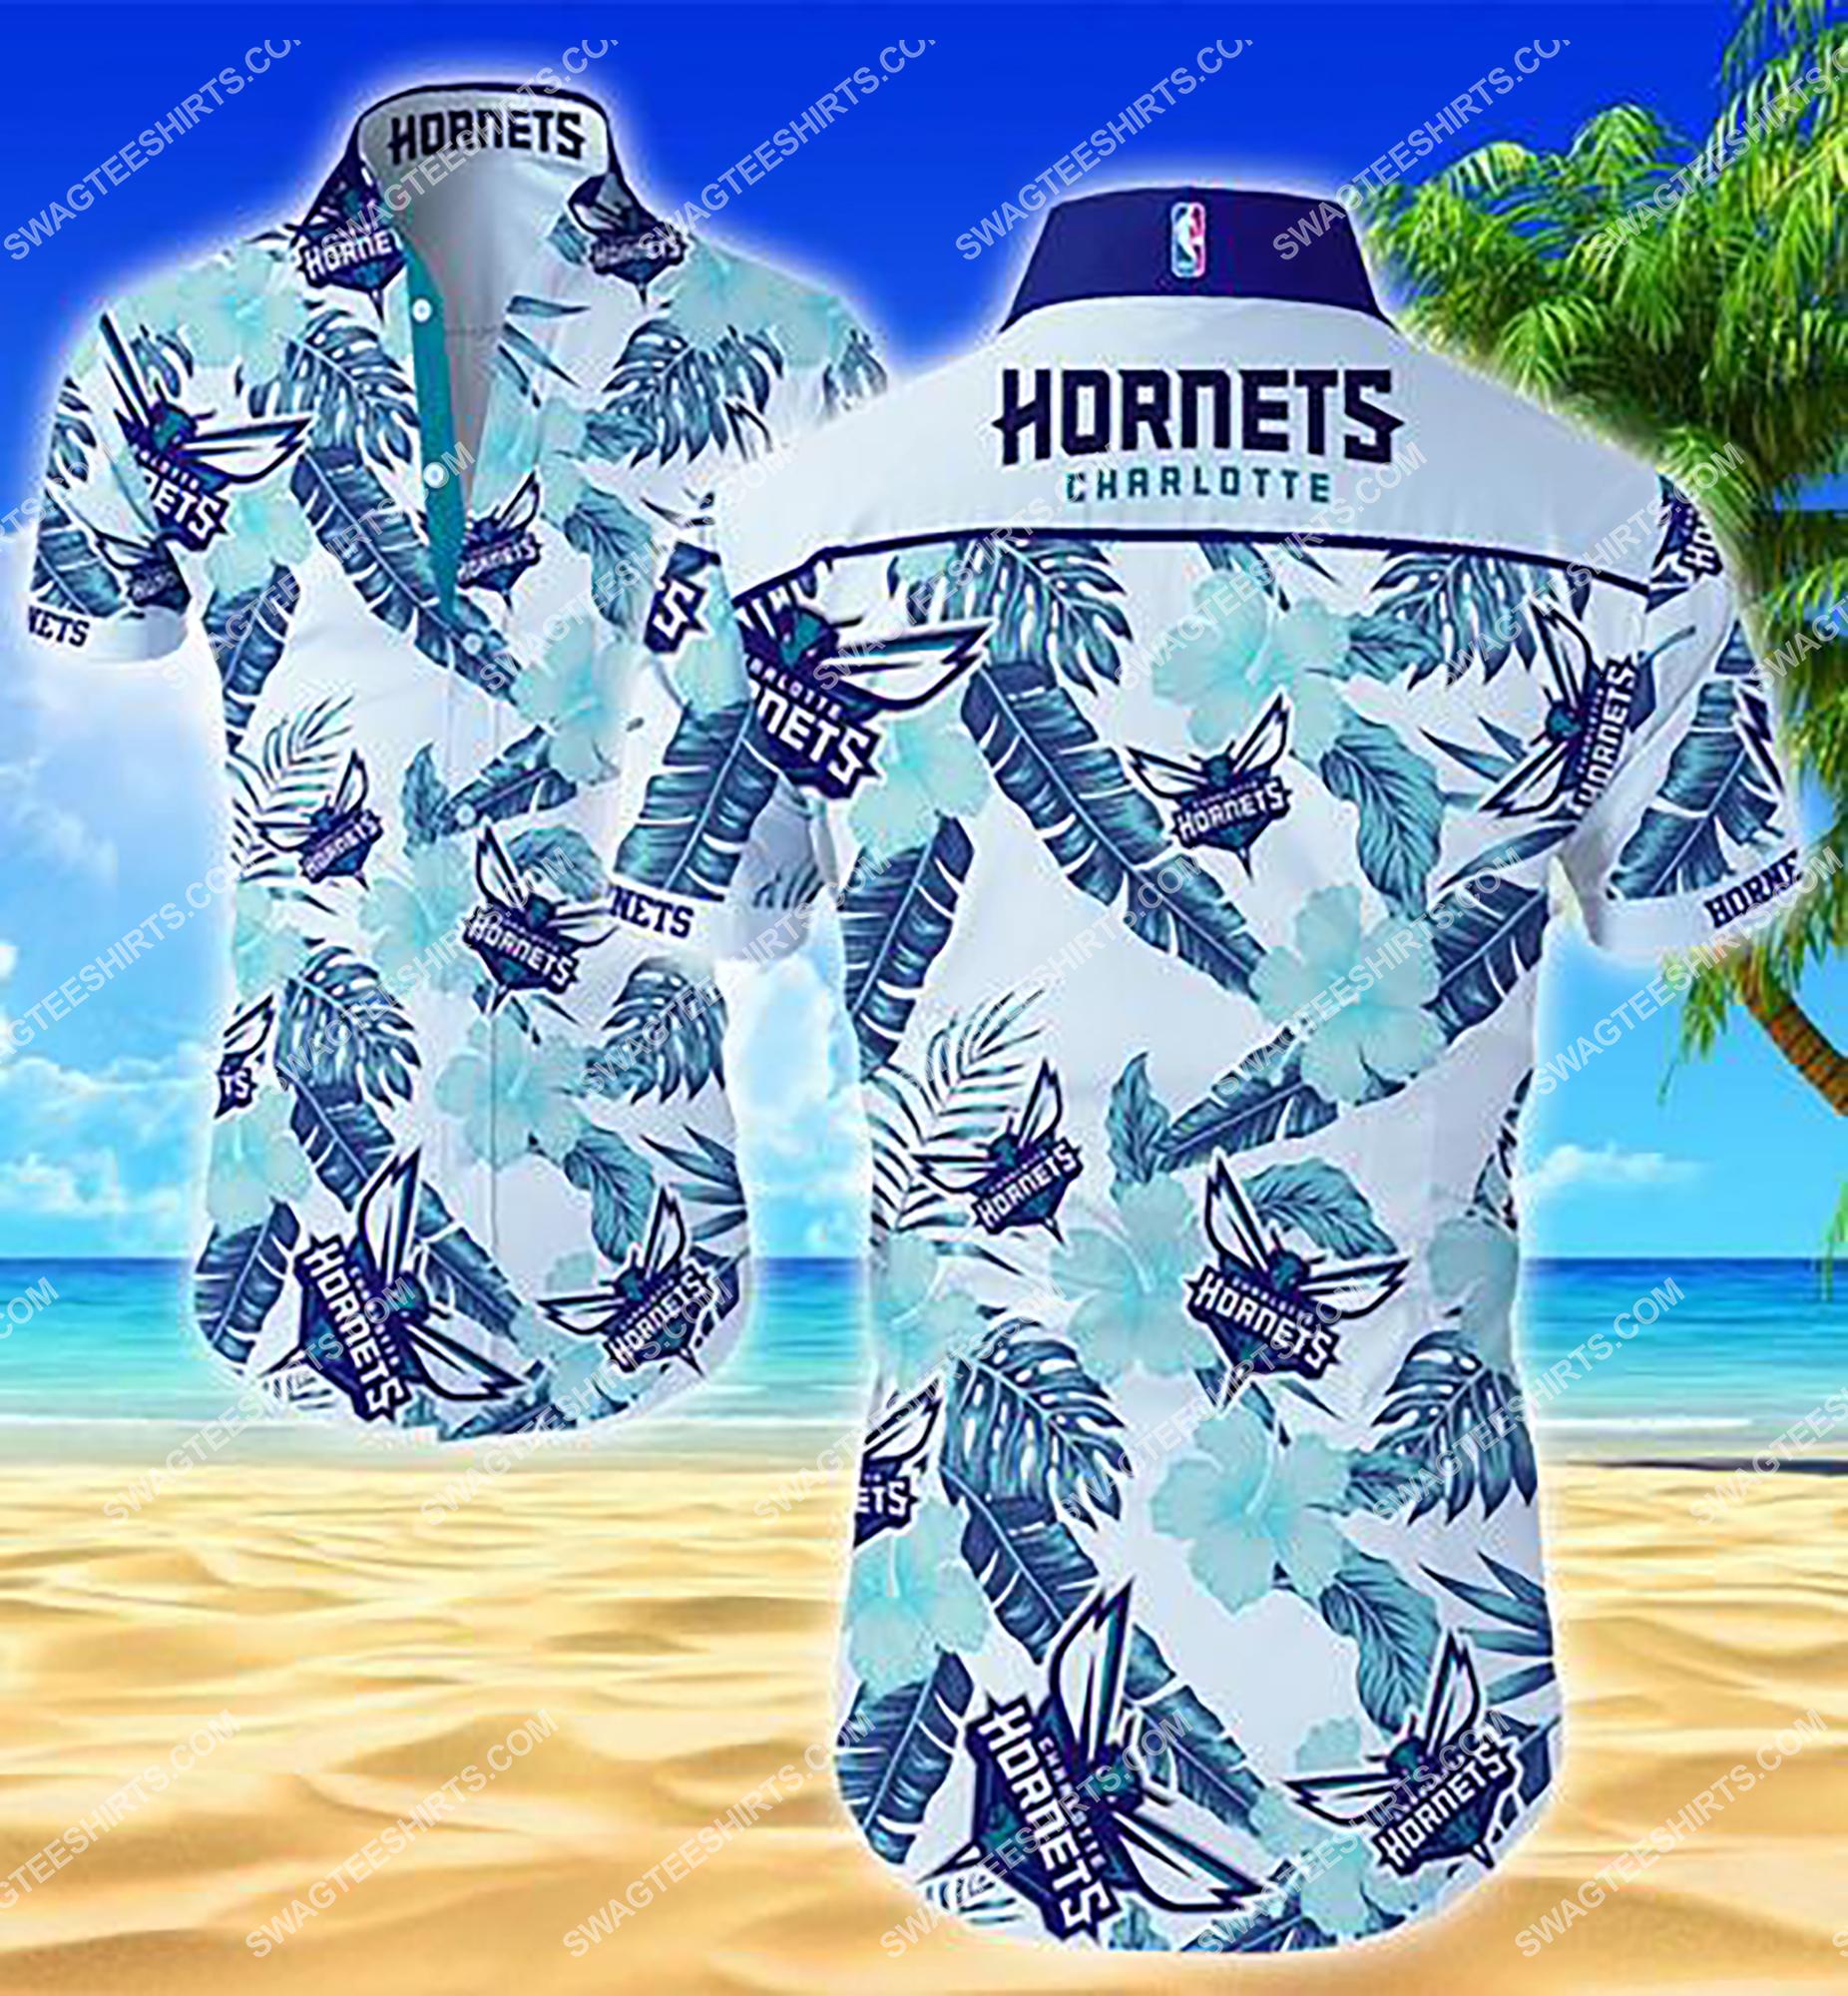 national basketball association charlotte hornets team hawaiian shirt 2 - Copy (2)